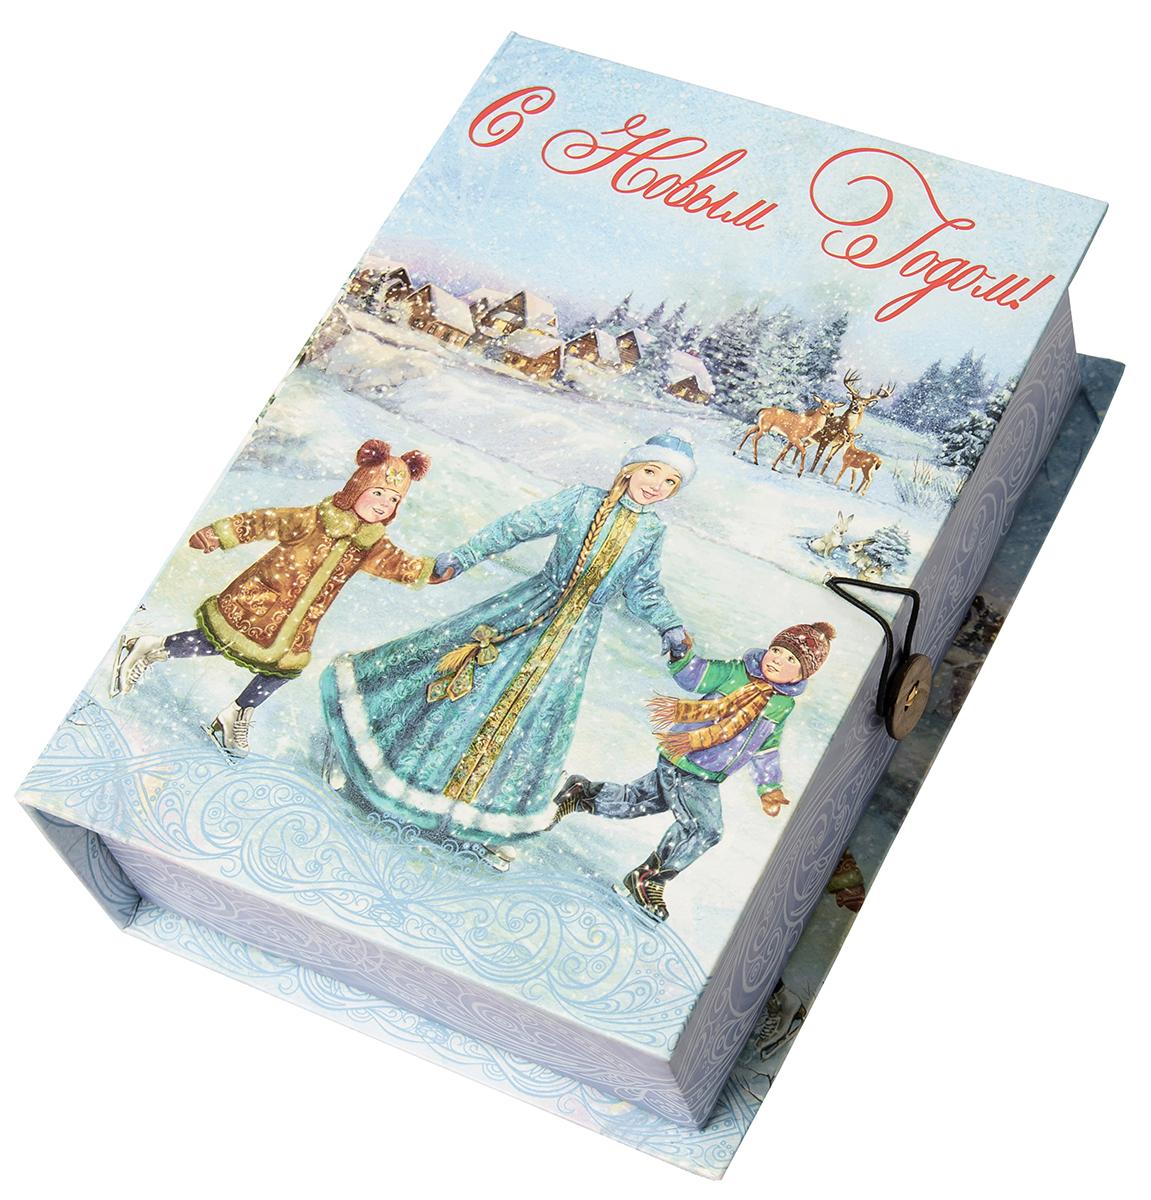 Коробка подарочная Magic Time Зимние забавы, размер S. 7503275032Подарочная коробка Зимние забавы-S из мелованного, ламинированного, негофрированного картона плотностью 1100 г, м2, с полноцветным декоративным рисунком на внутренней и наружной части, 18x12x5, артикул 75032